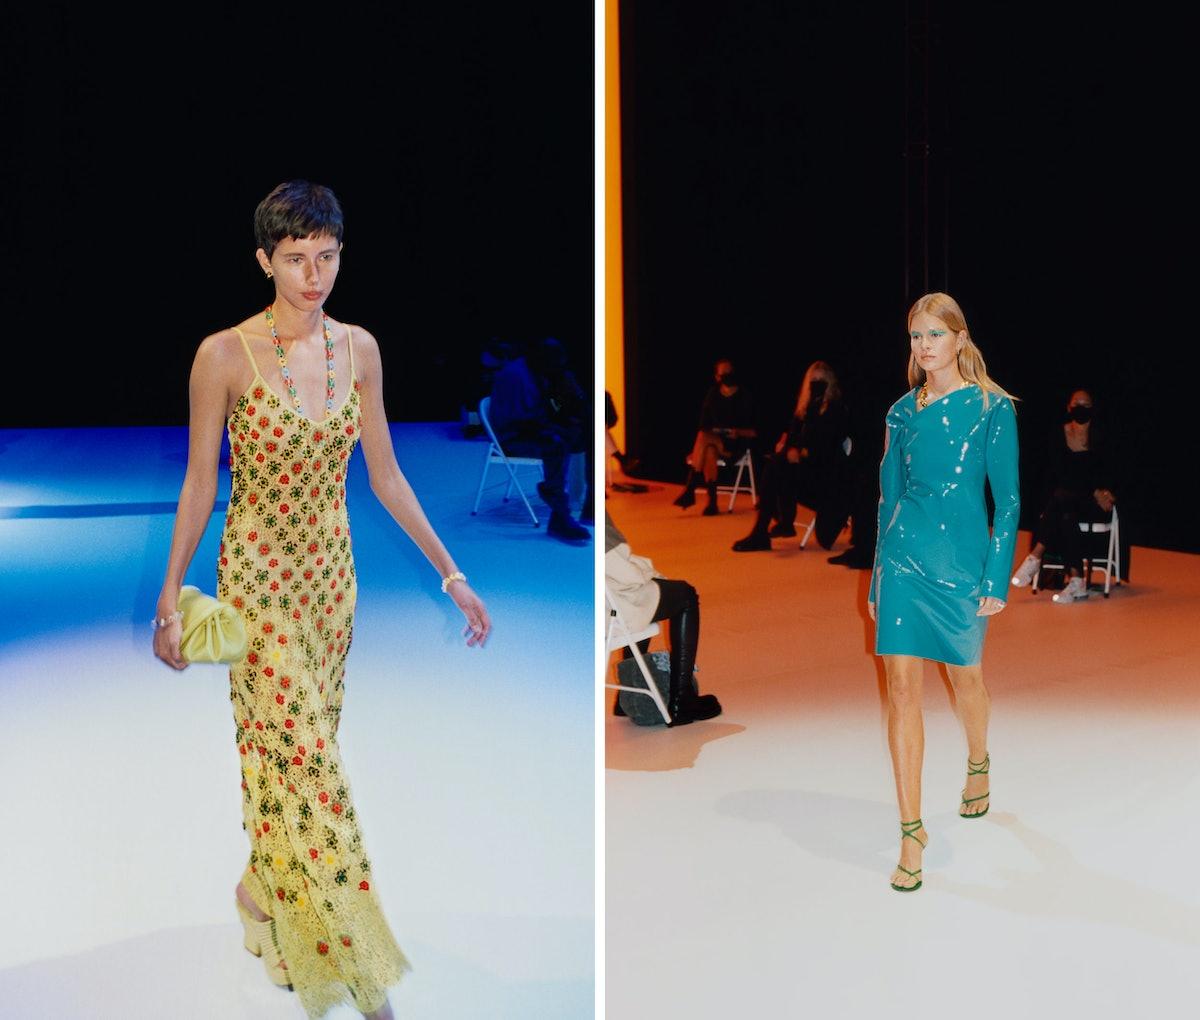 Bottega Veneta Salon 01 – Look 02